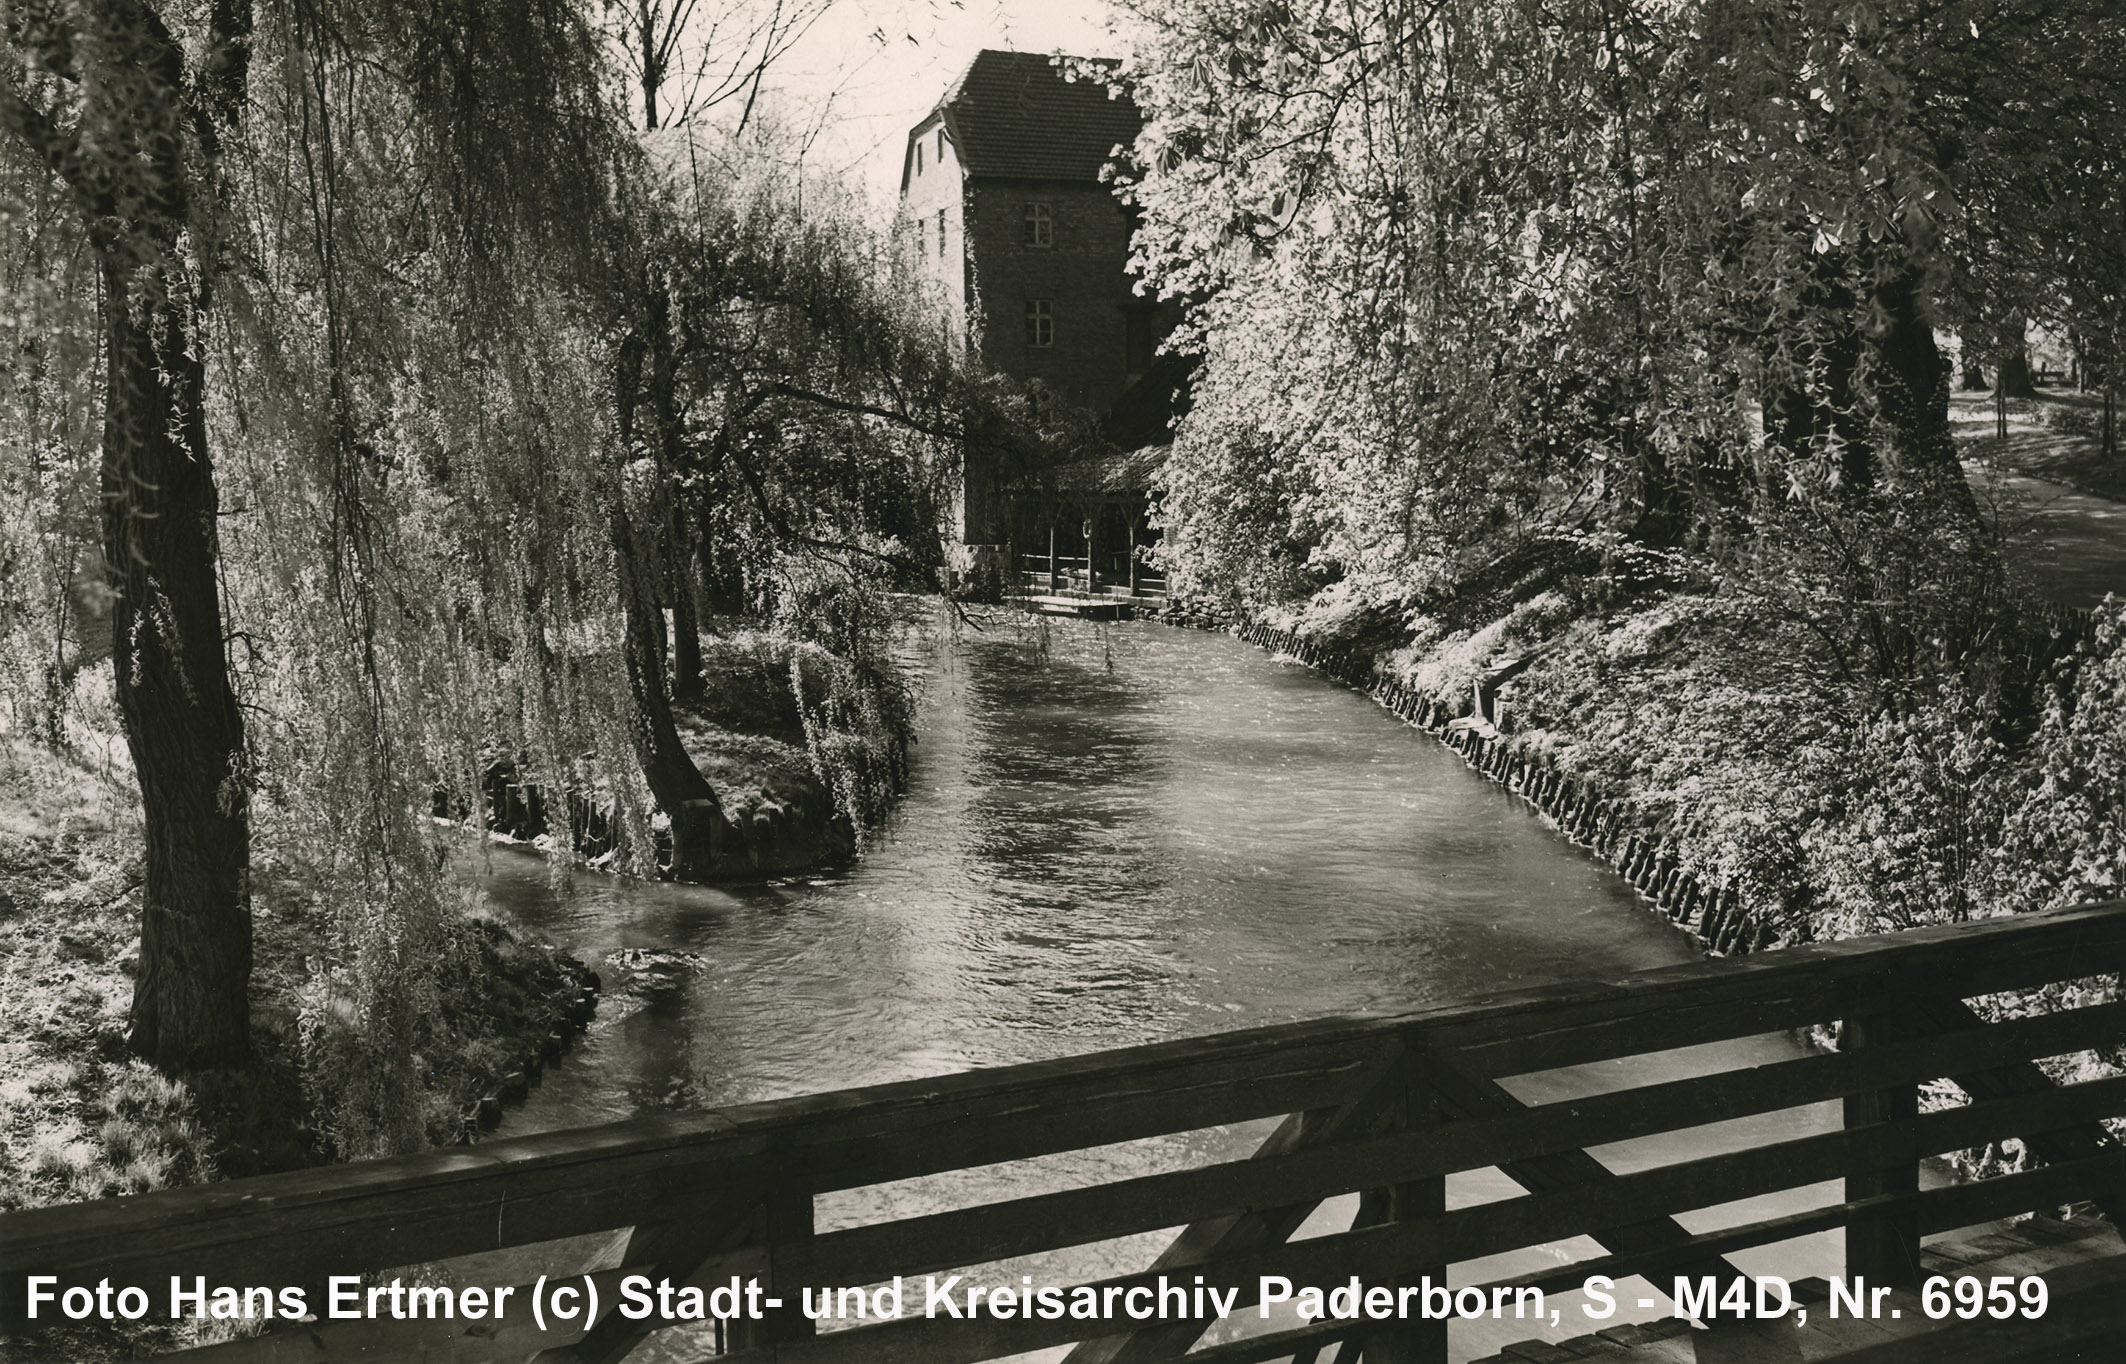 """Blick von der """"Promenadenbrücke"""" auf die """"Stümpelsche Mühle"""" und Gerberhütten, um 1960 (Stadt- und KreisA Pb, Foto H. Ertmer, S-M4D, Nr. 6959)"""